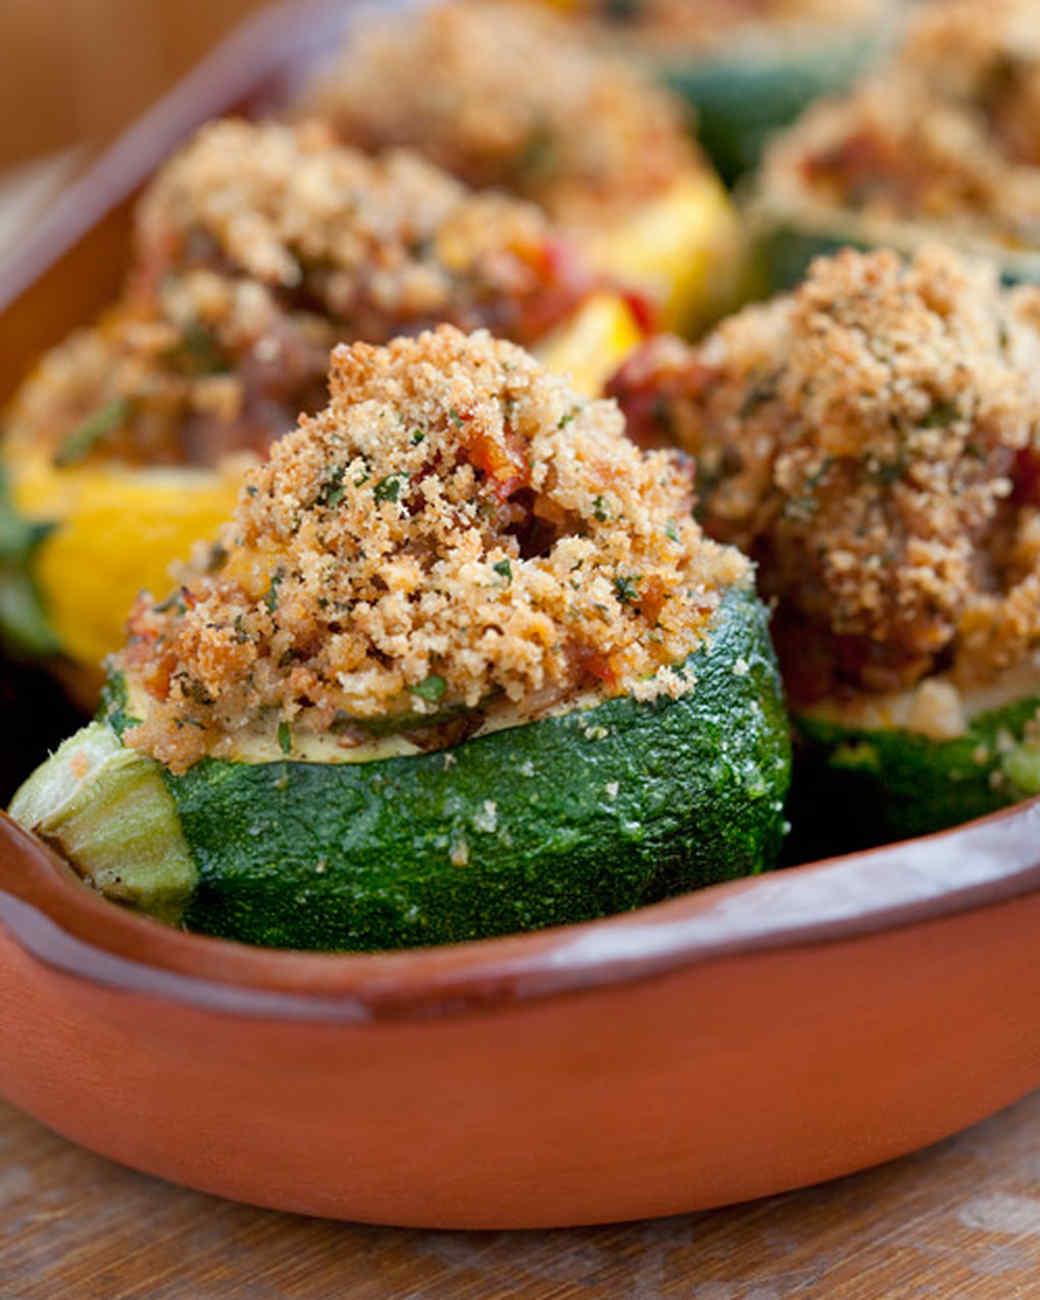 Provencal-Style Stuffed Zucchini